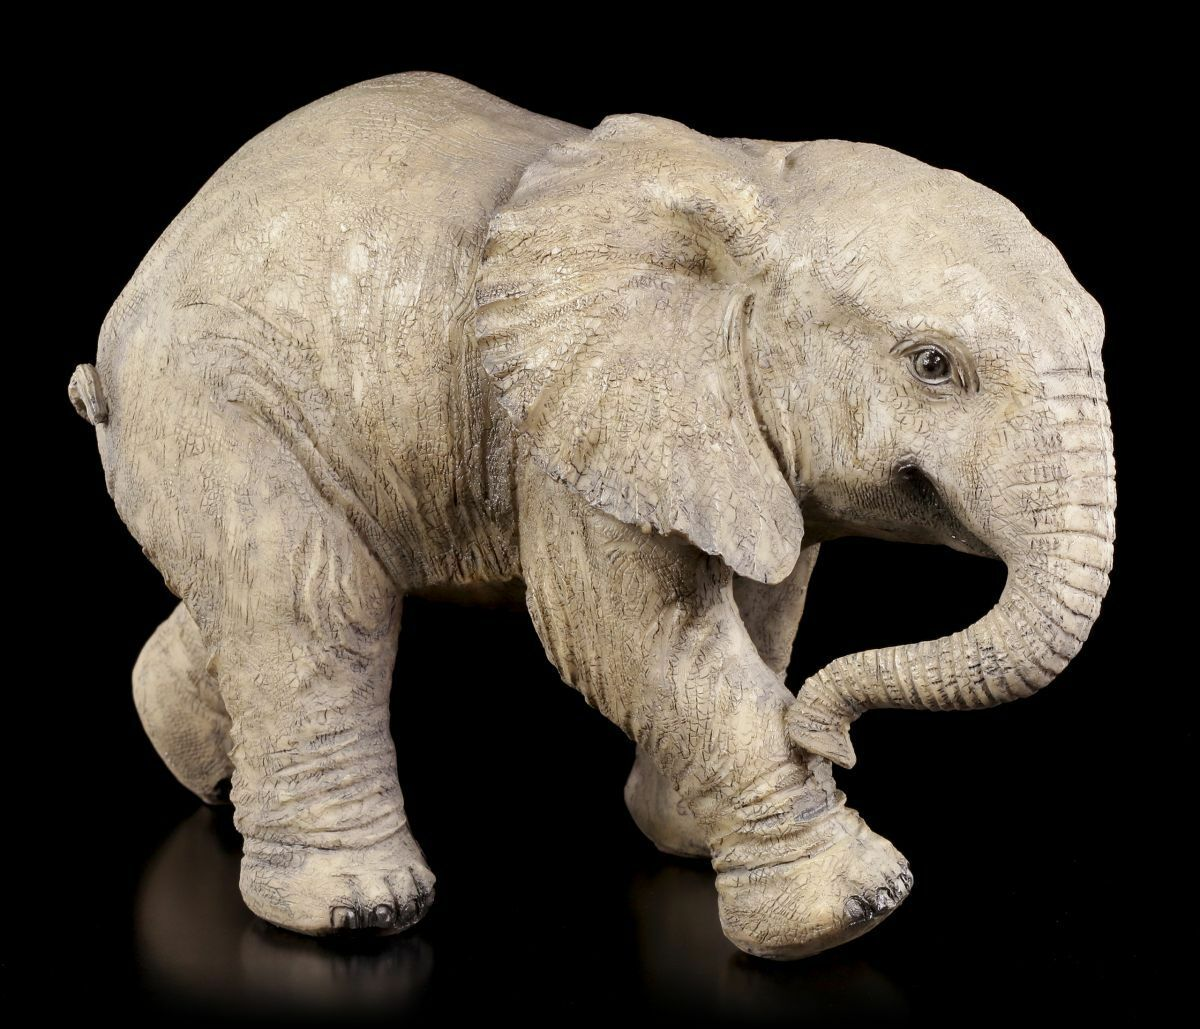 Elefante Figura de Jardín - Baby Figura de Jardín - Decoración Escultura Estatua